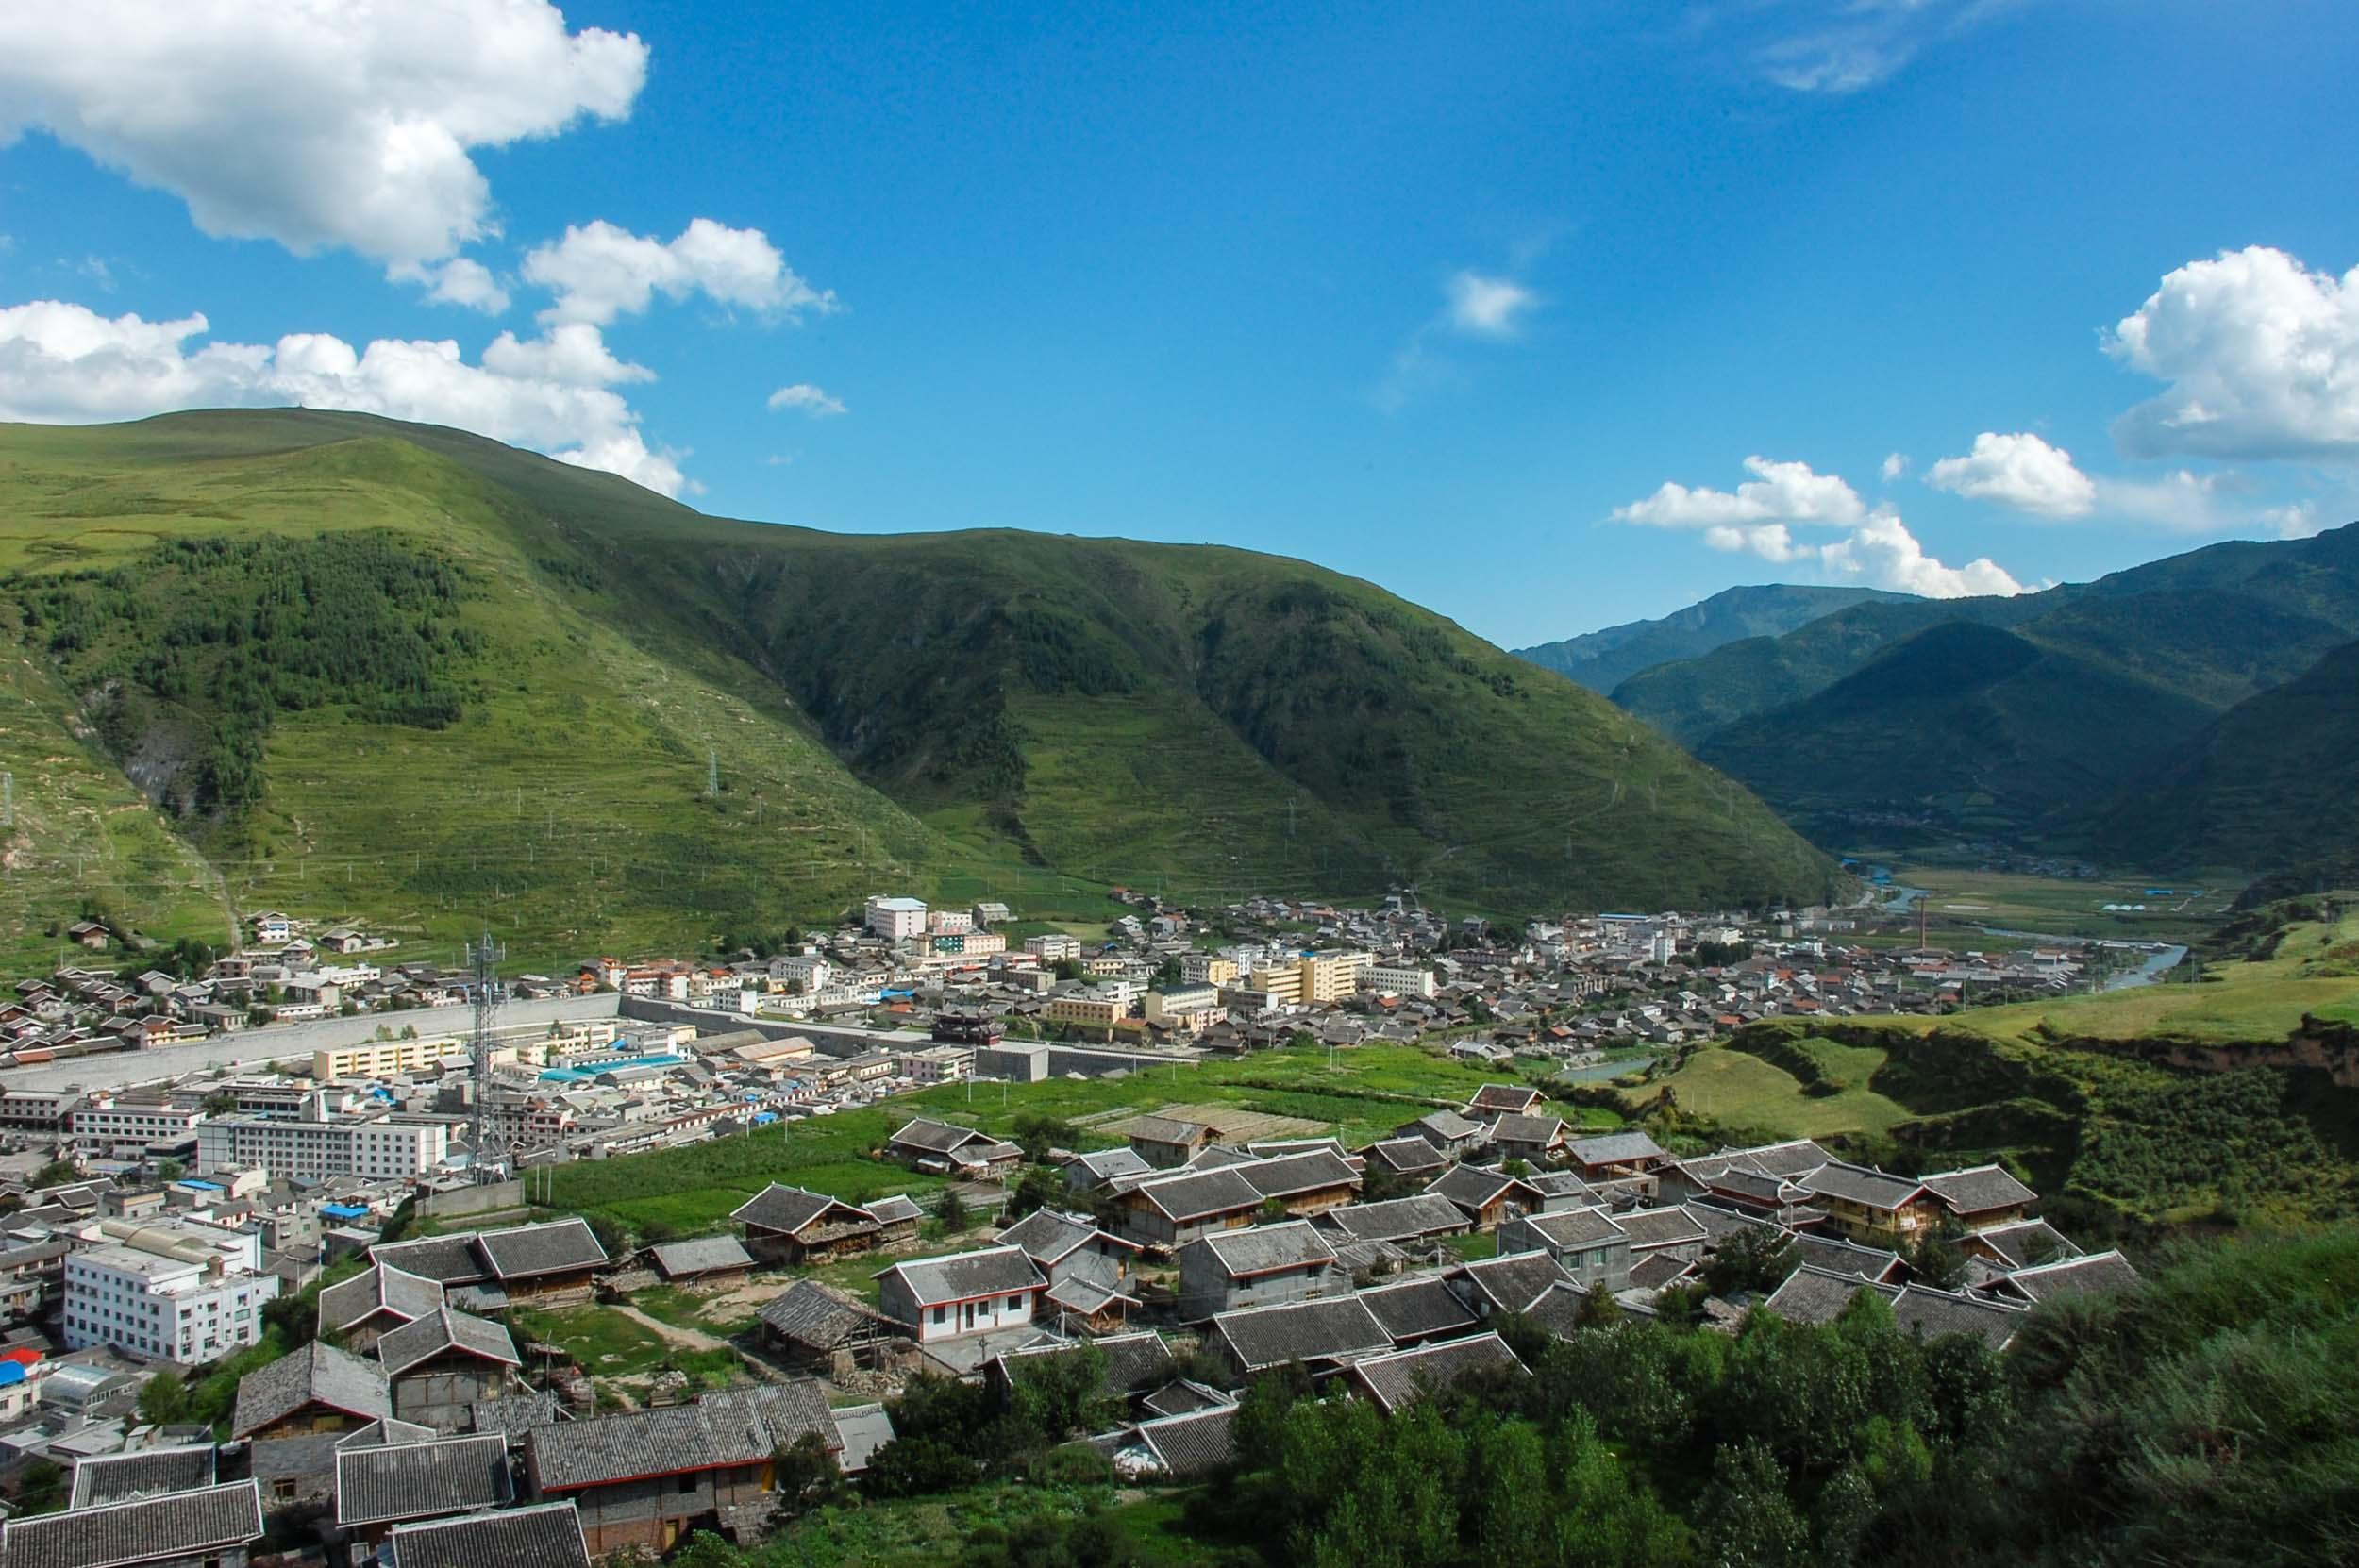 松潘 山から見る街並み